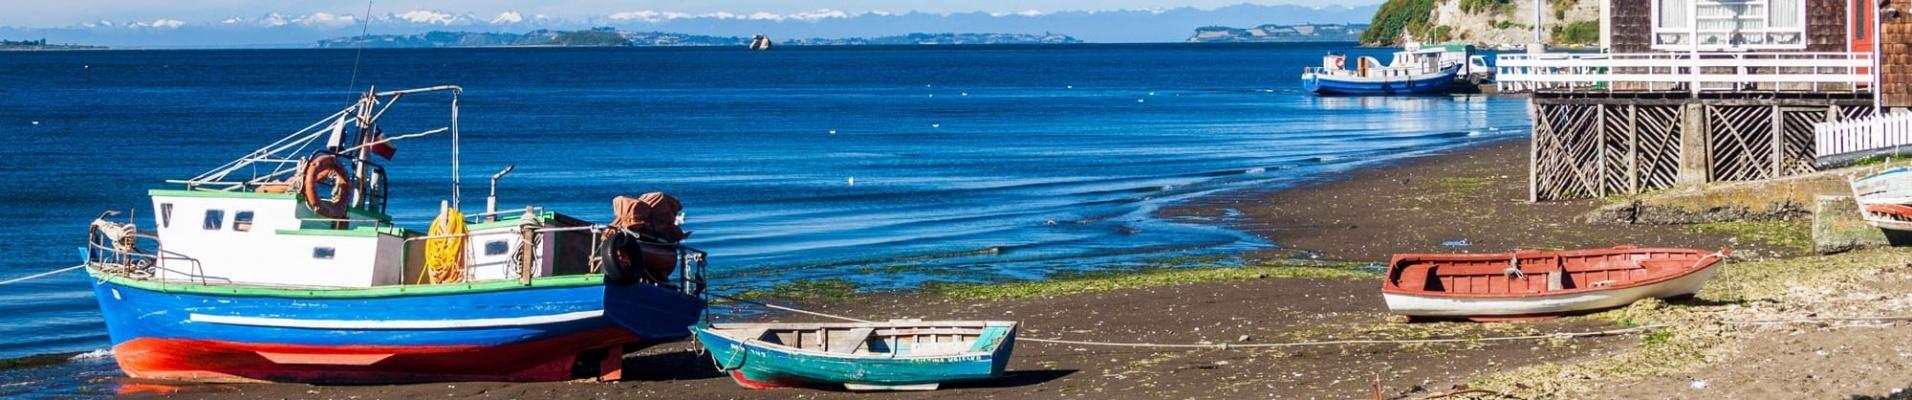 Bateaux dans le village d'Achao, Ile de Quinchao, Chili. Assistance voyage Chili.